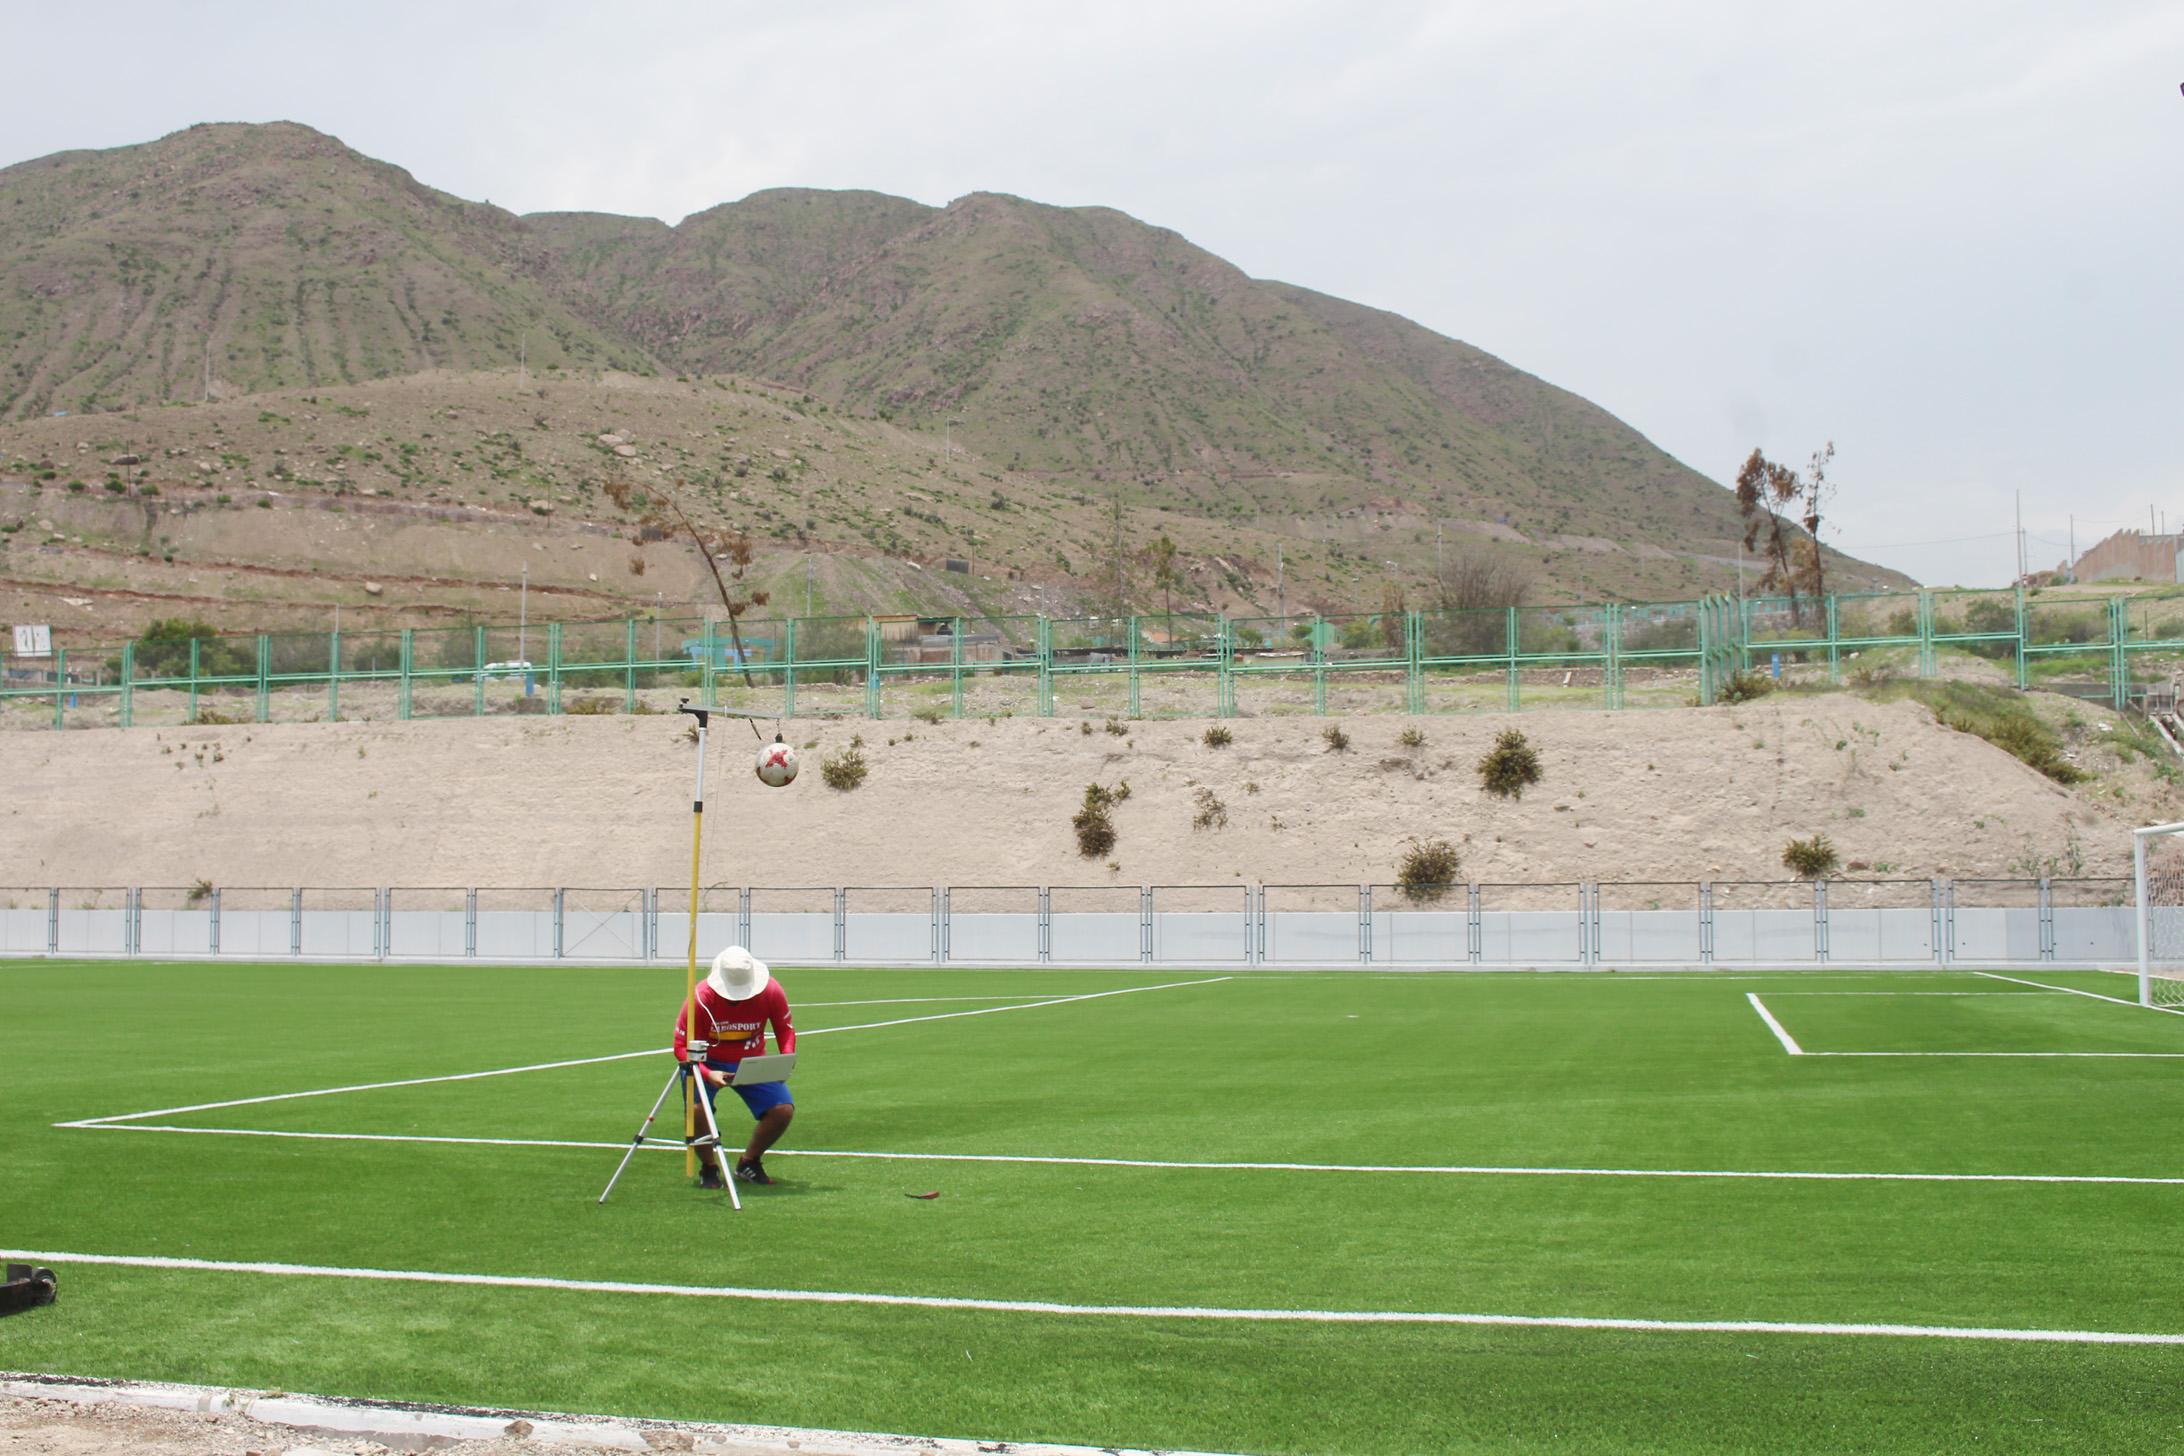 CAMPO DE GRASS SINTETICO DEL ESTADIO DE YACANGO EN BUSCA DE OBTENER CERTIFICACIÓN FIFA